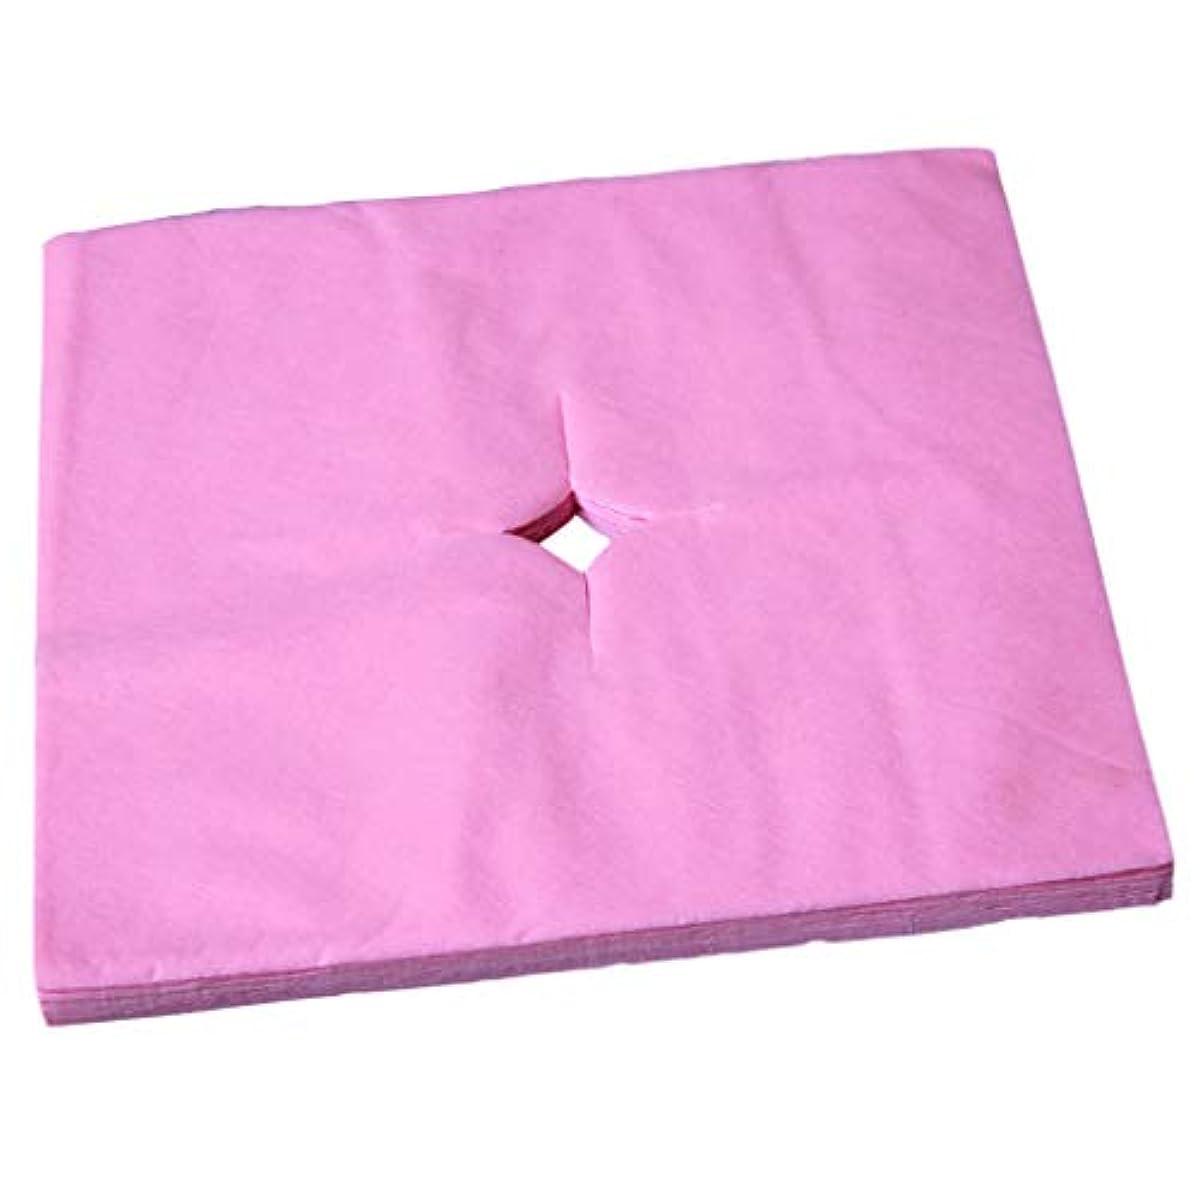 マイクロフォンスーダンコミュニティフェイスクレードルカバー マッサージフェイスカバー マッサージサロン 使い捨て 寝具カバー 全3色 - ピンク